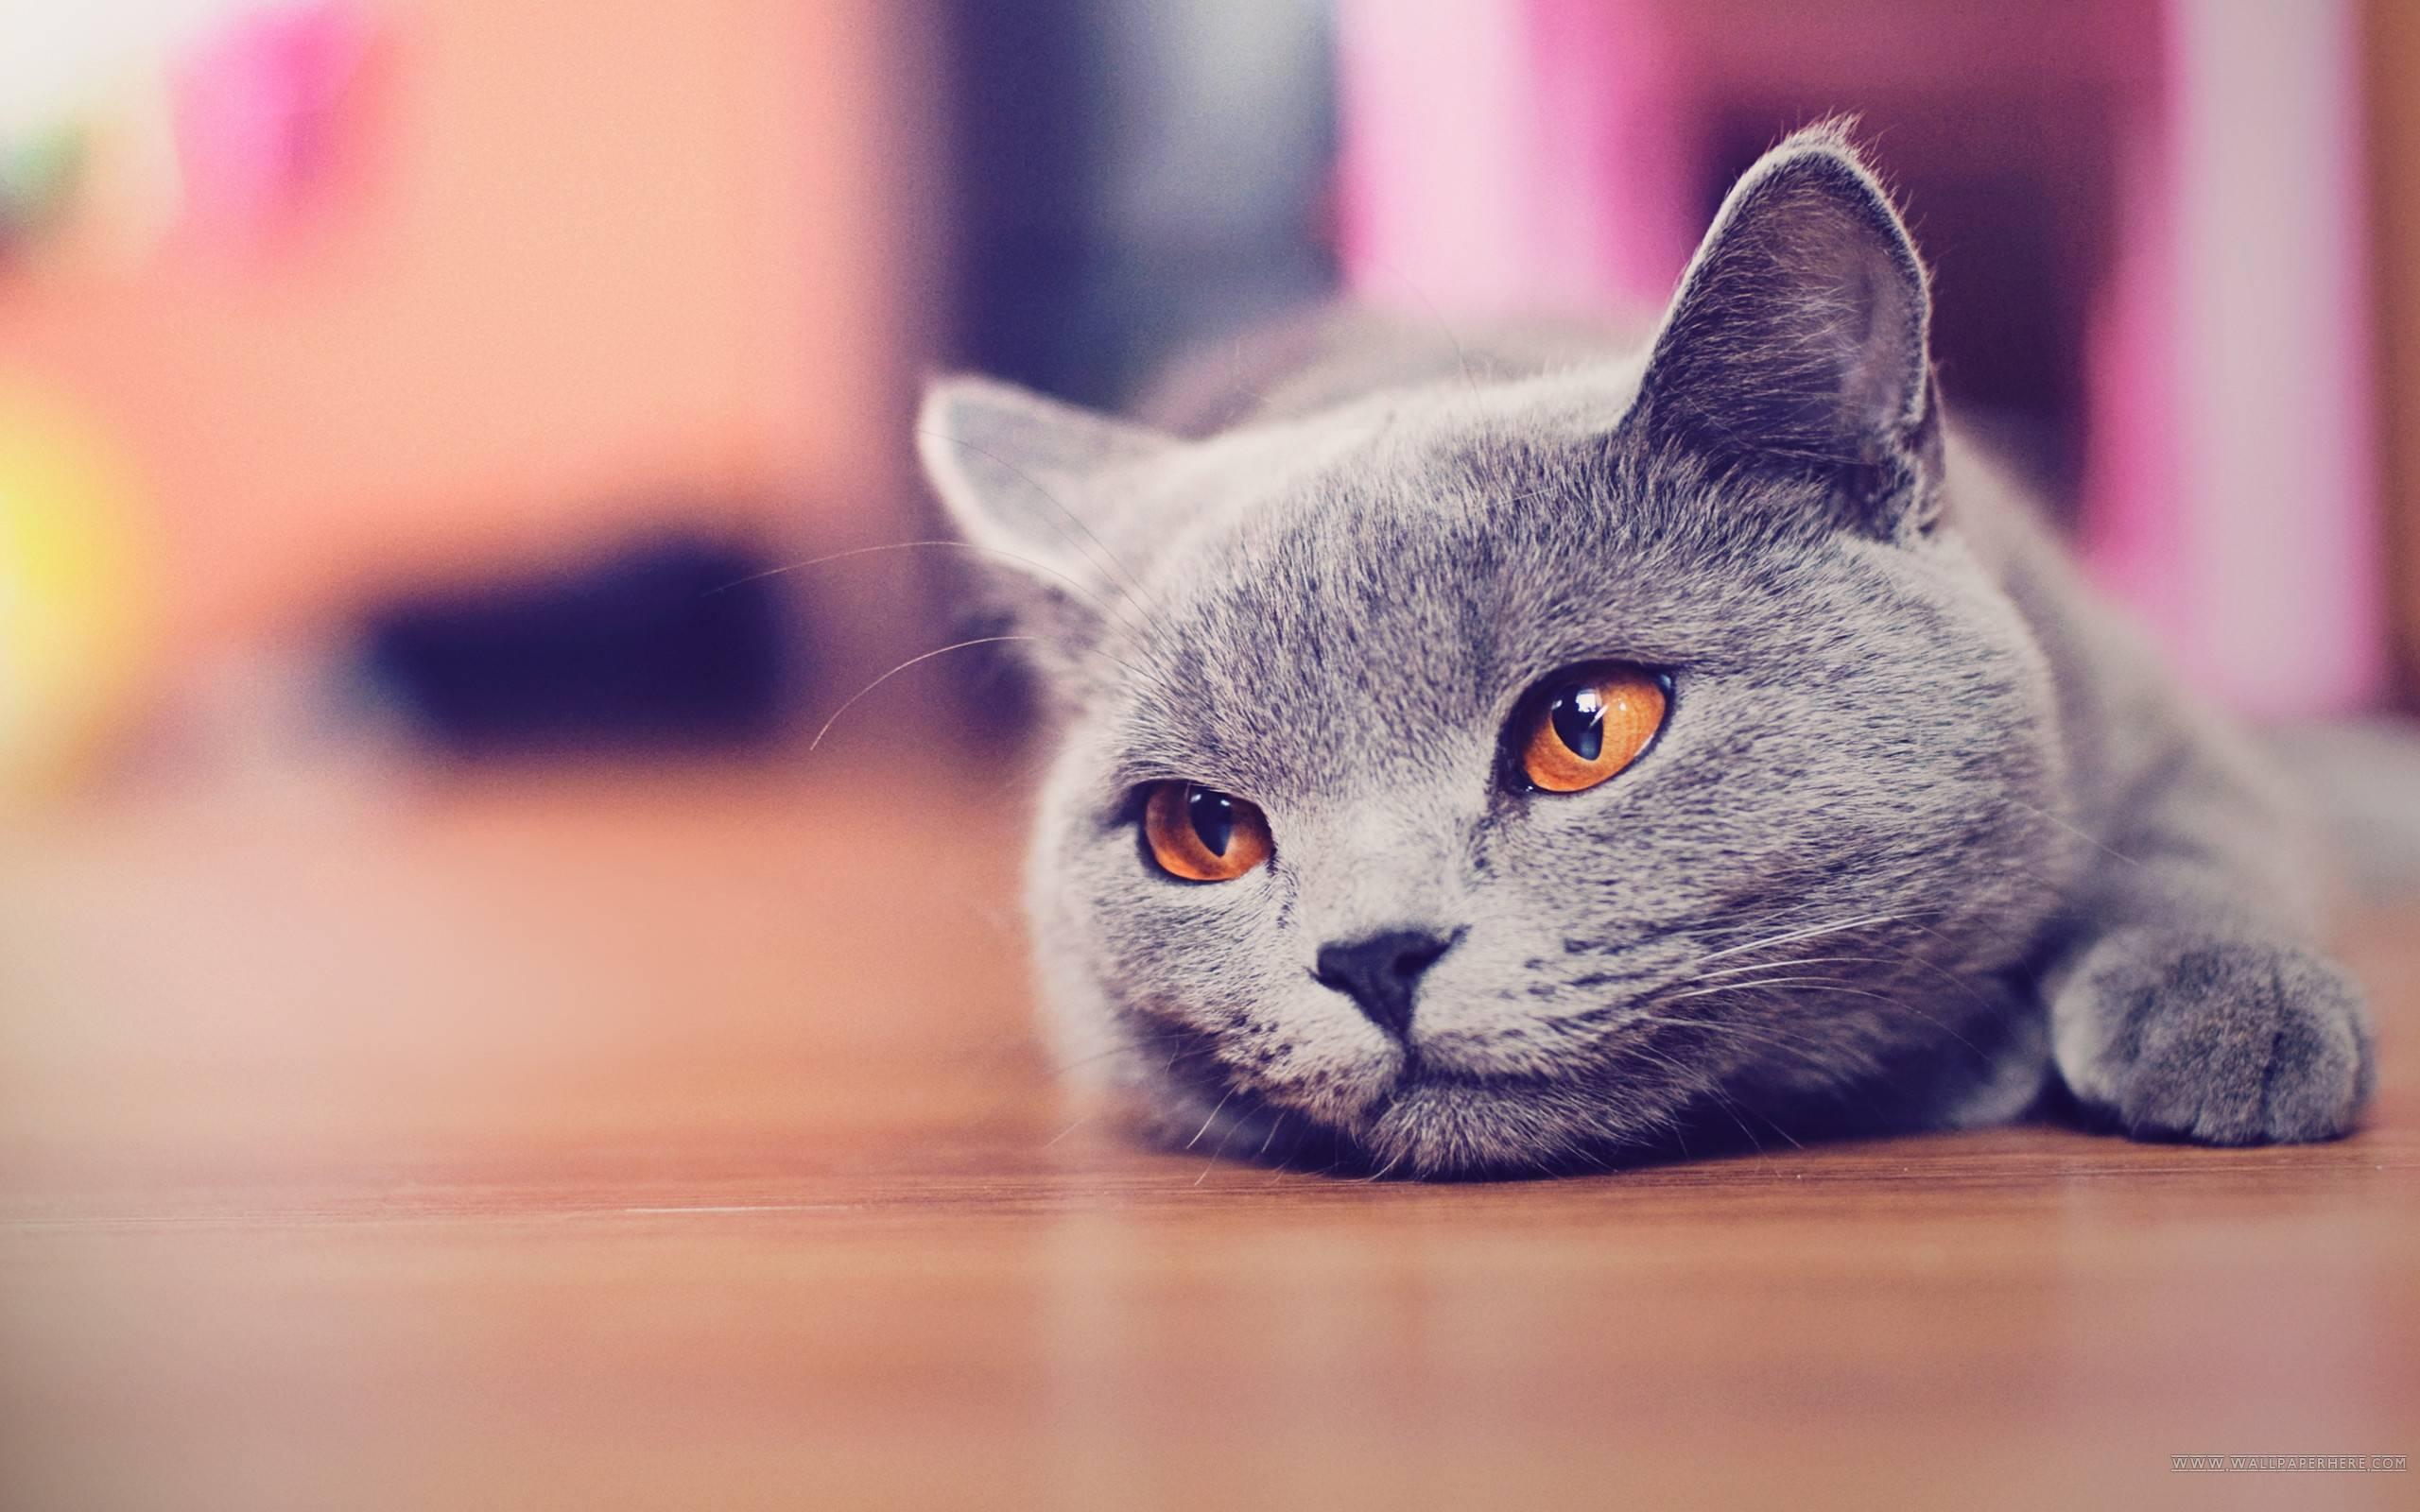 Cat Desktop Wallpapers , Top Free Cat Desktop Backgrounds